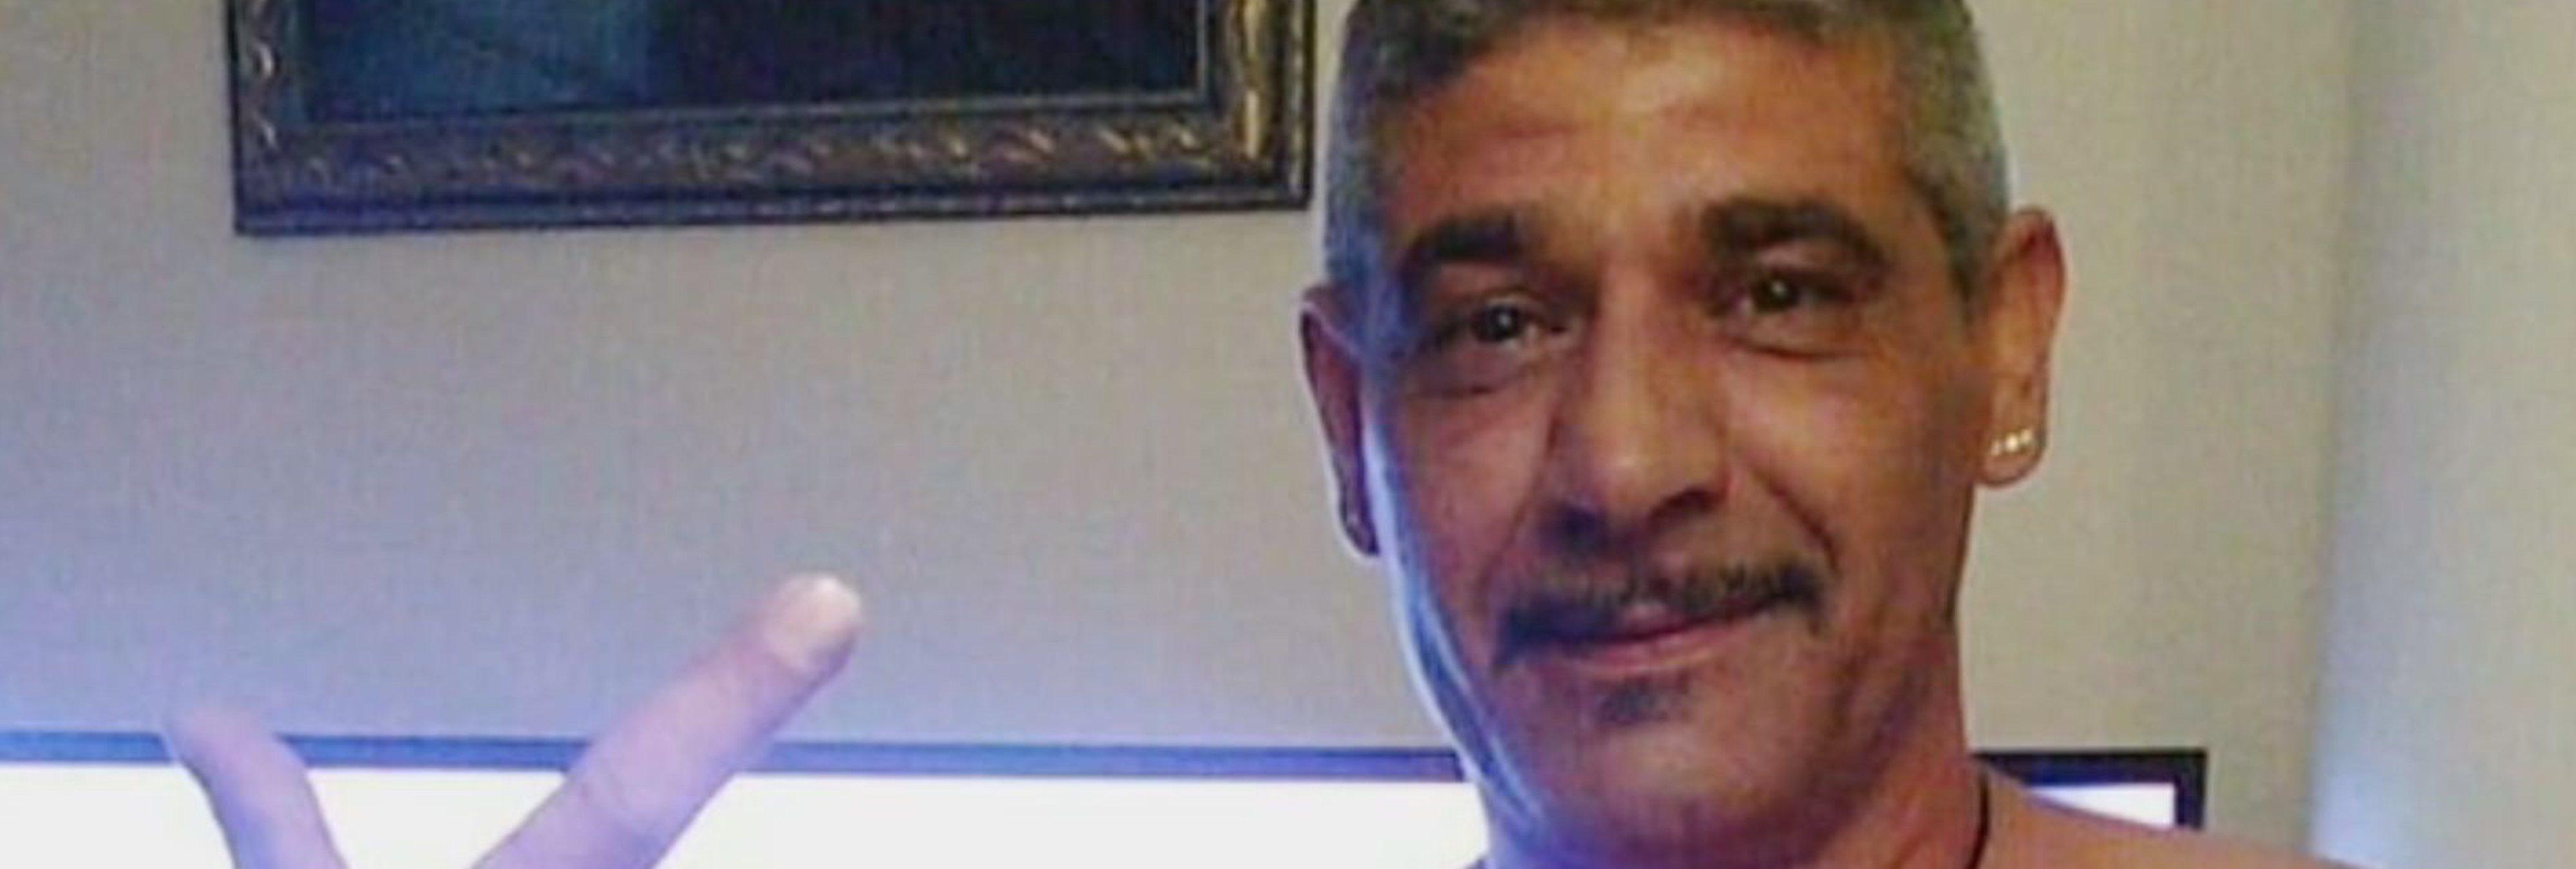 El juez admite a trámite la petición de libertad provisional de Bernardo Montoya